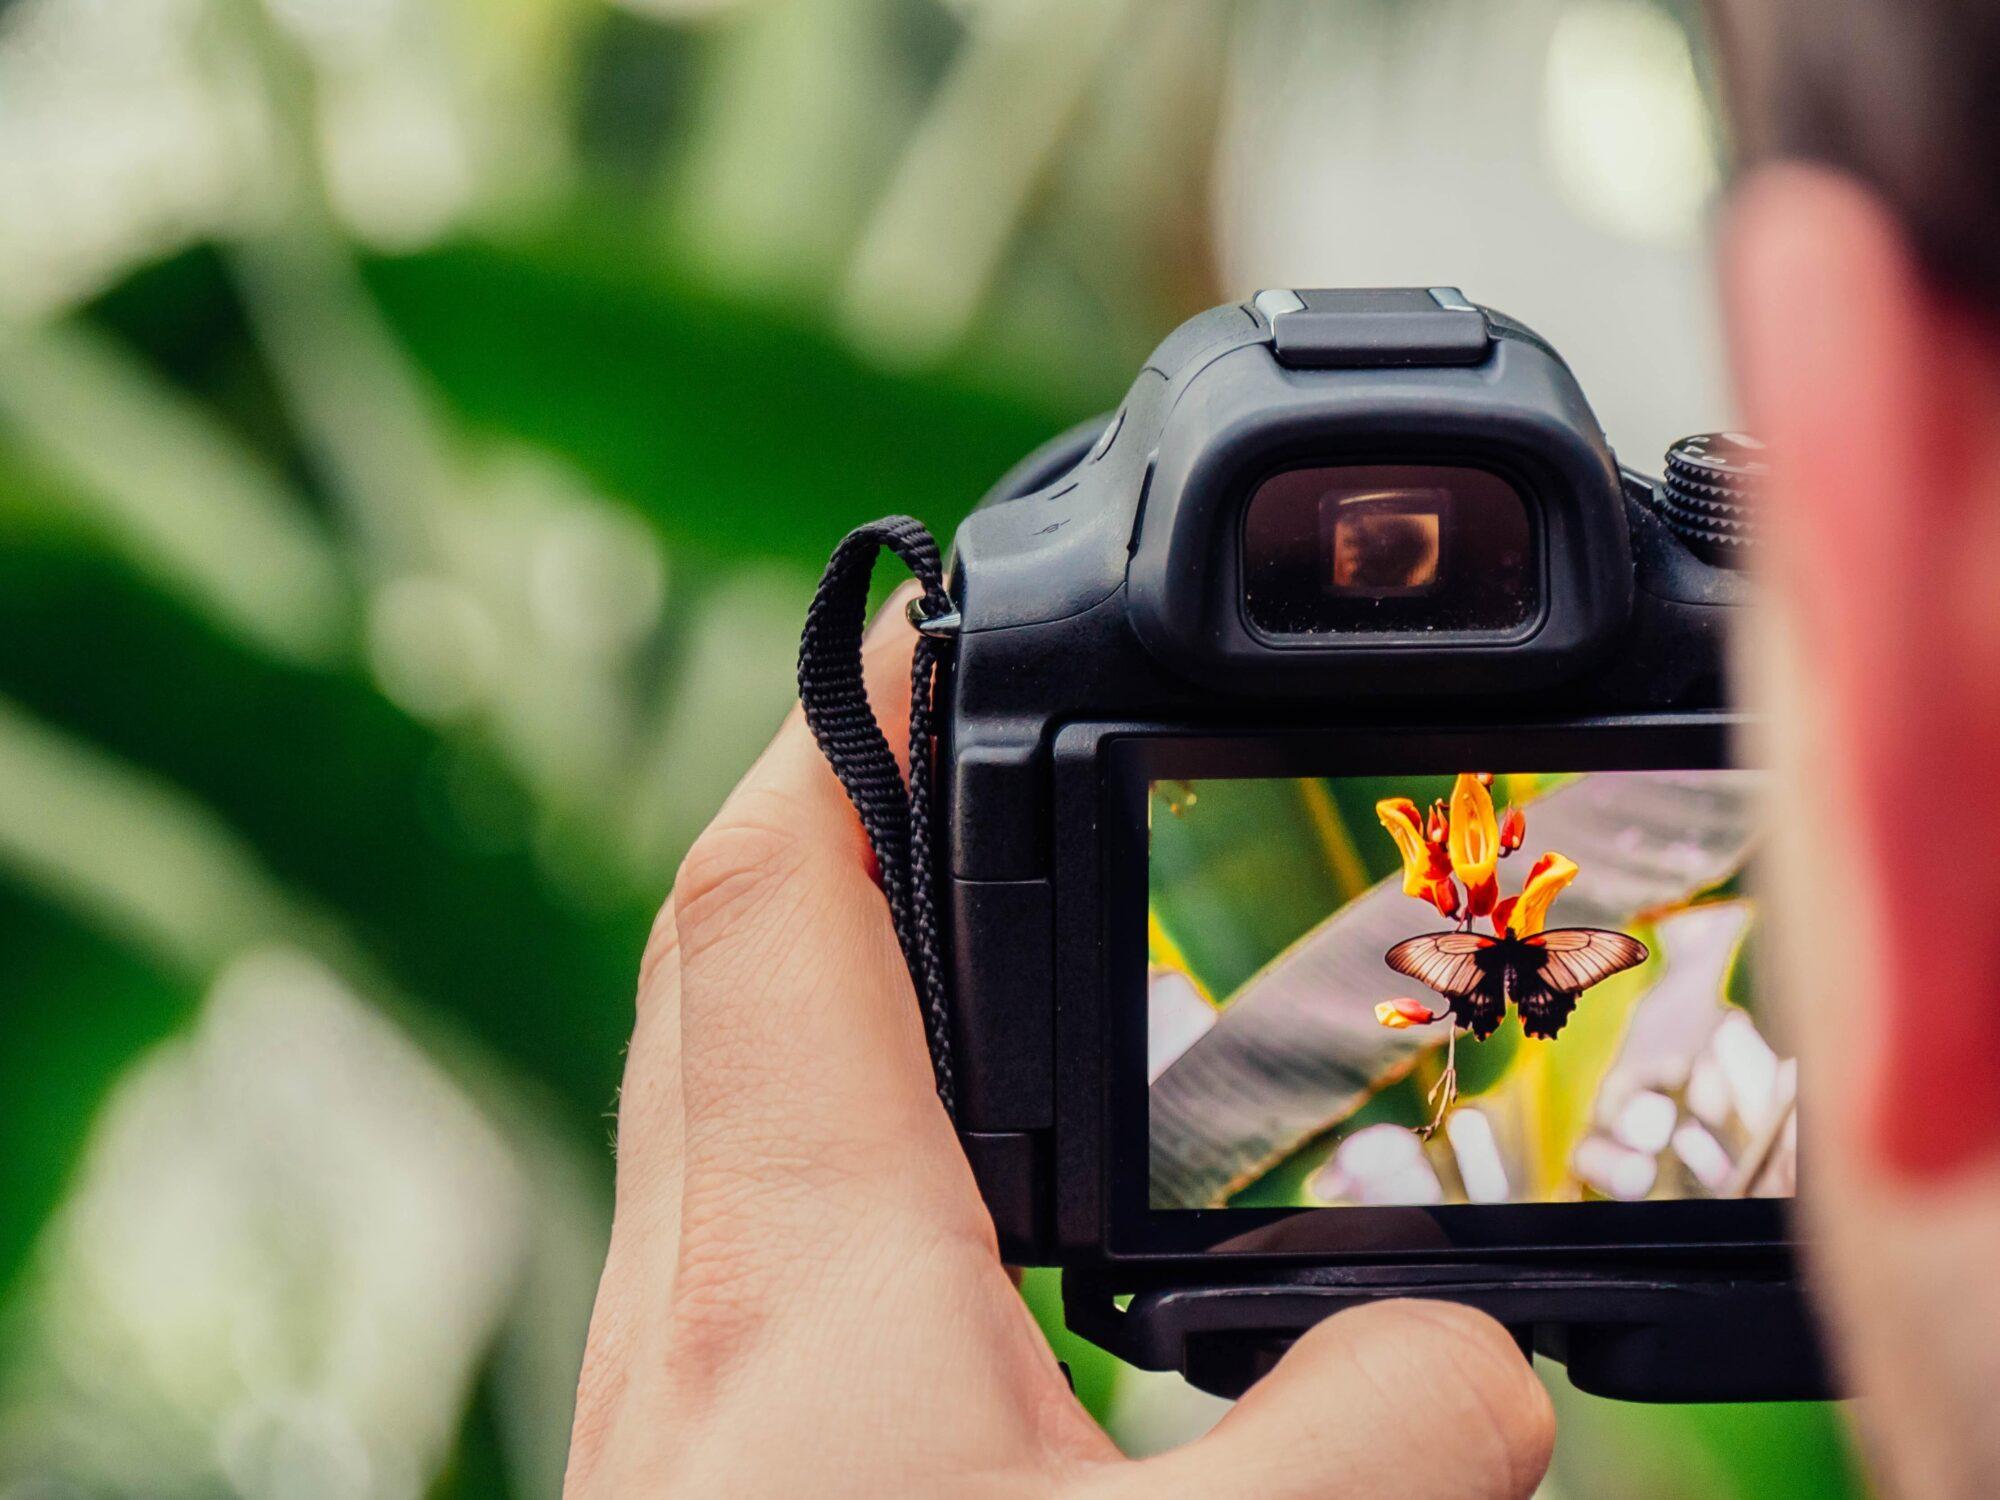 Fotowedstrijd zet biodiversiteit centraal